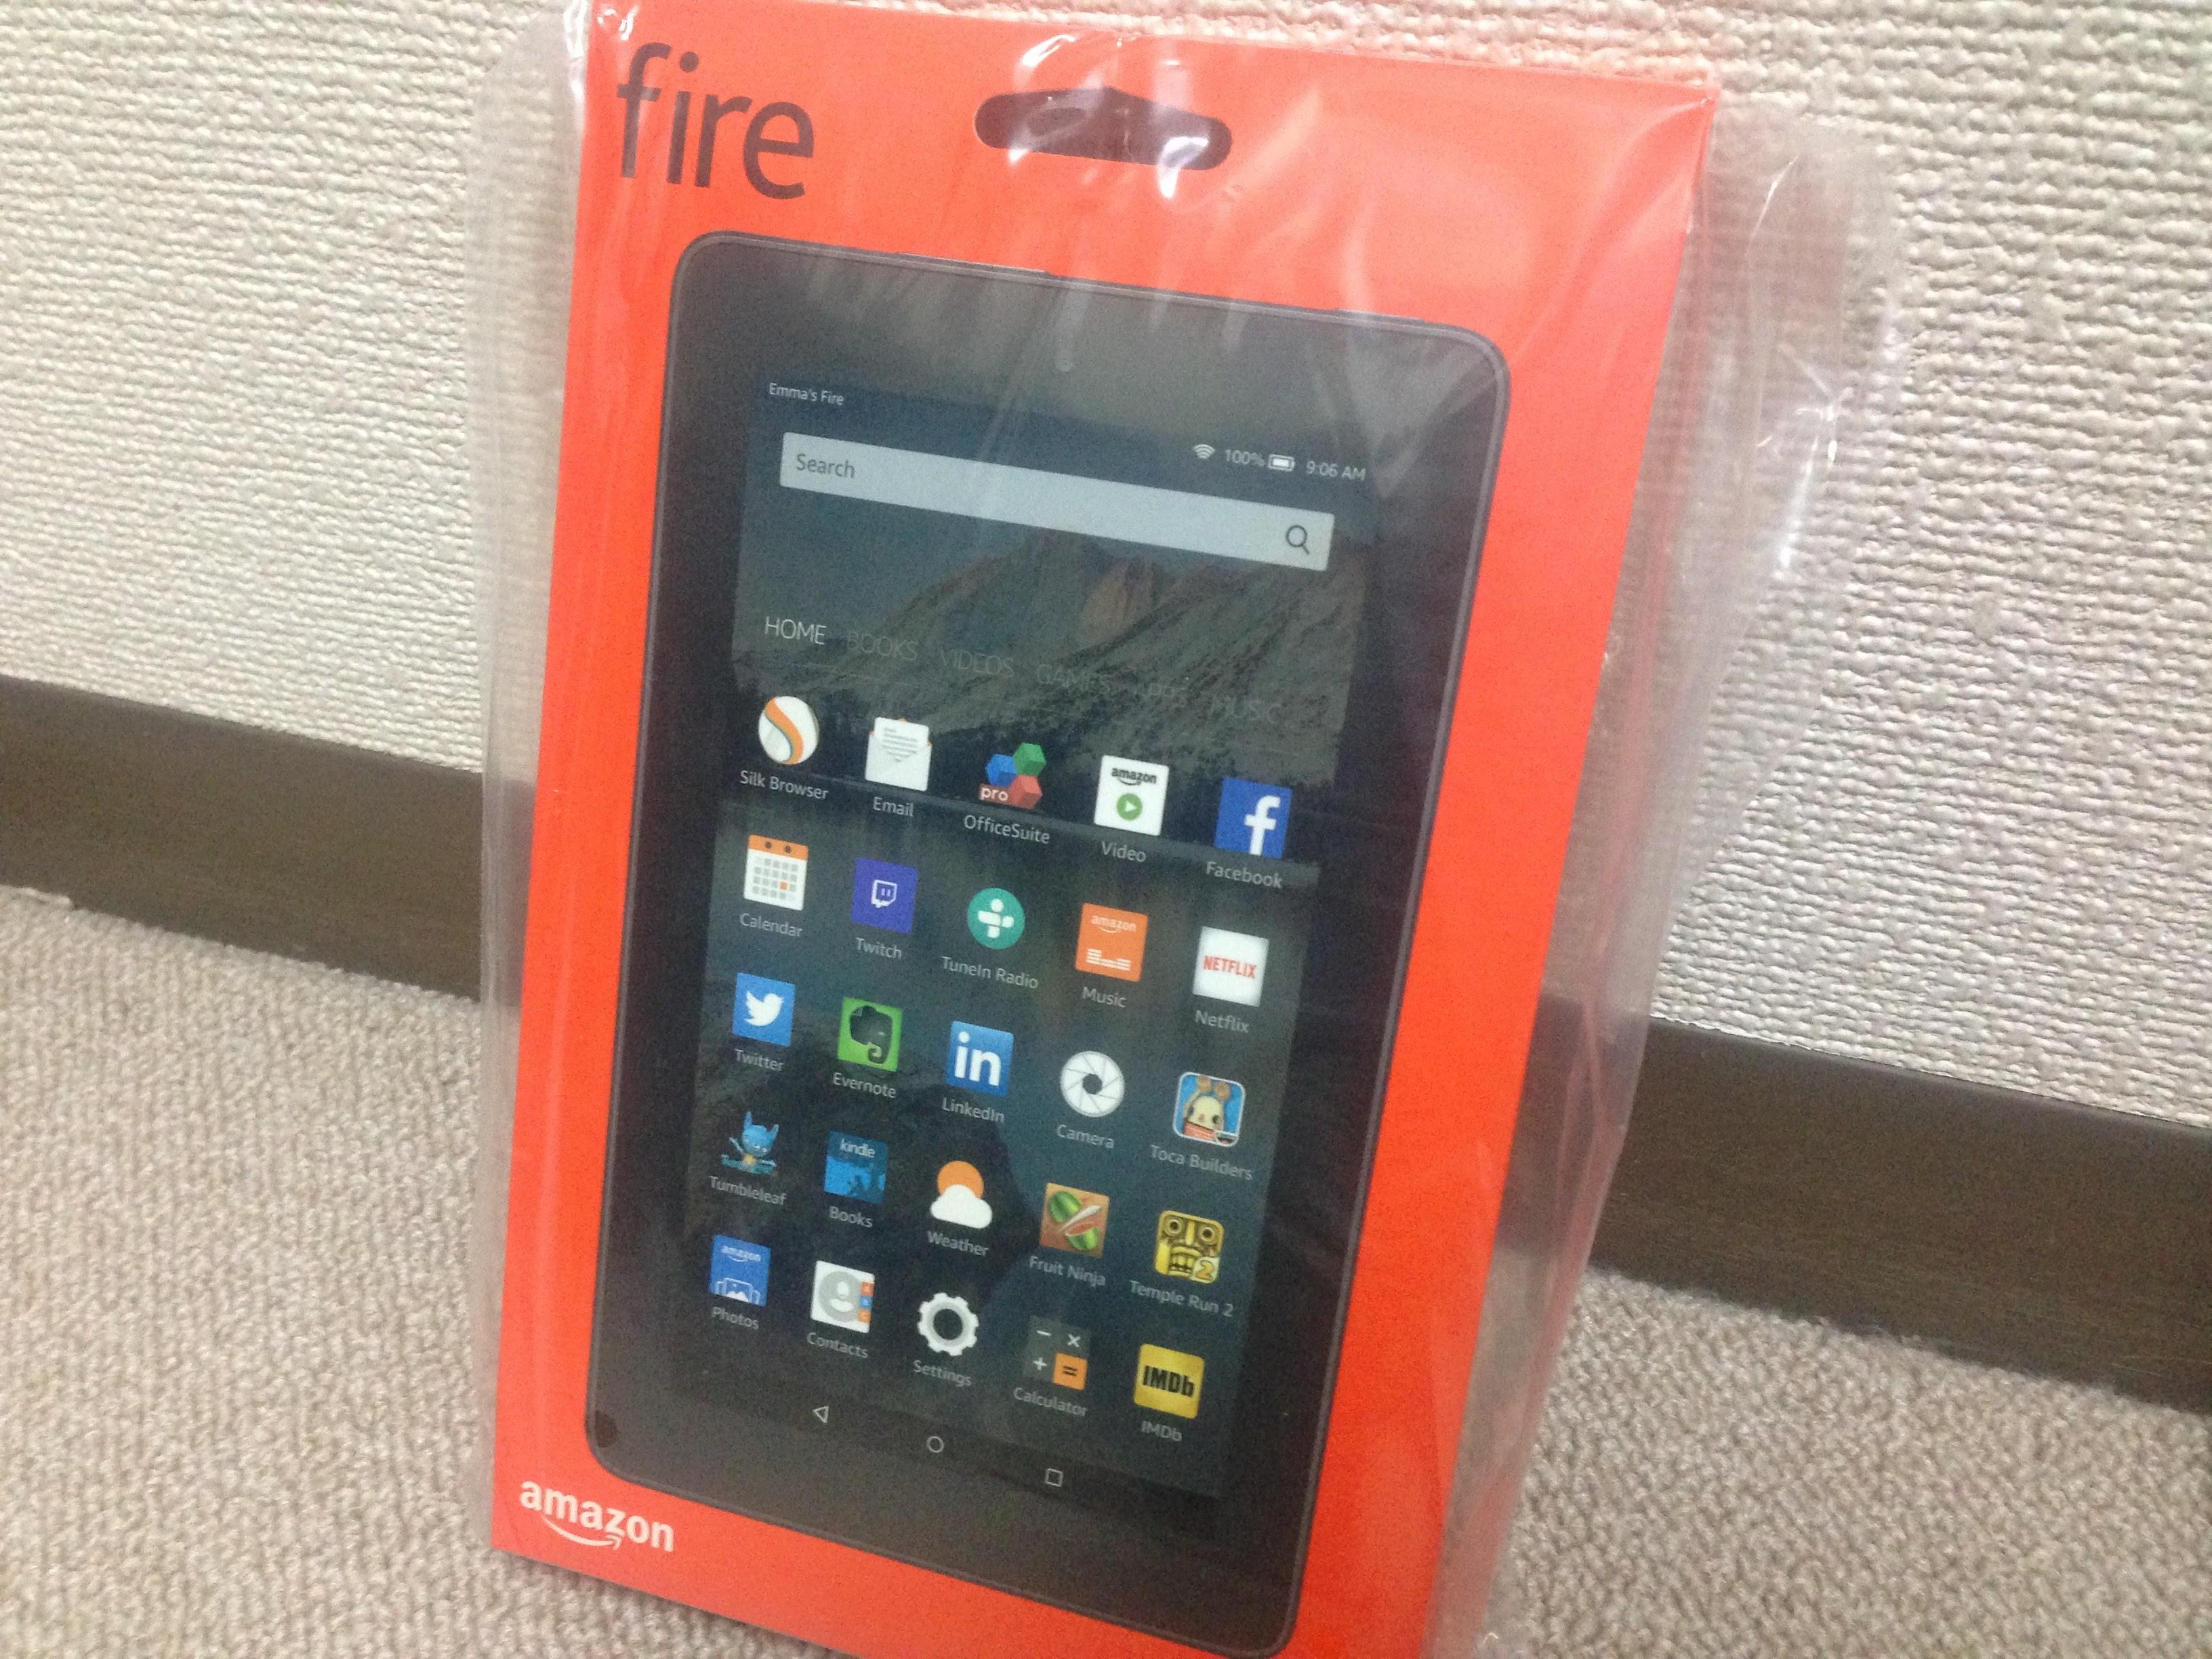 安い7インチならFireタブレット!ネクサス7(2012)より快適